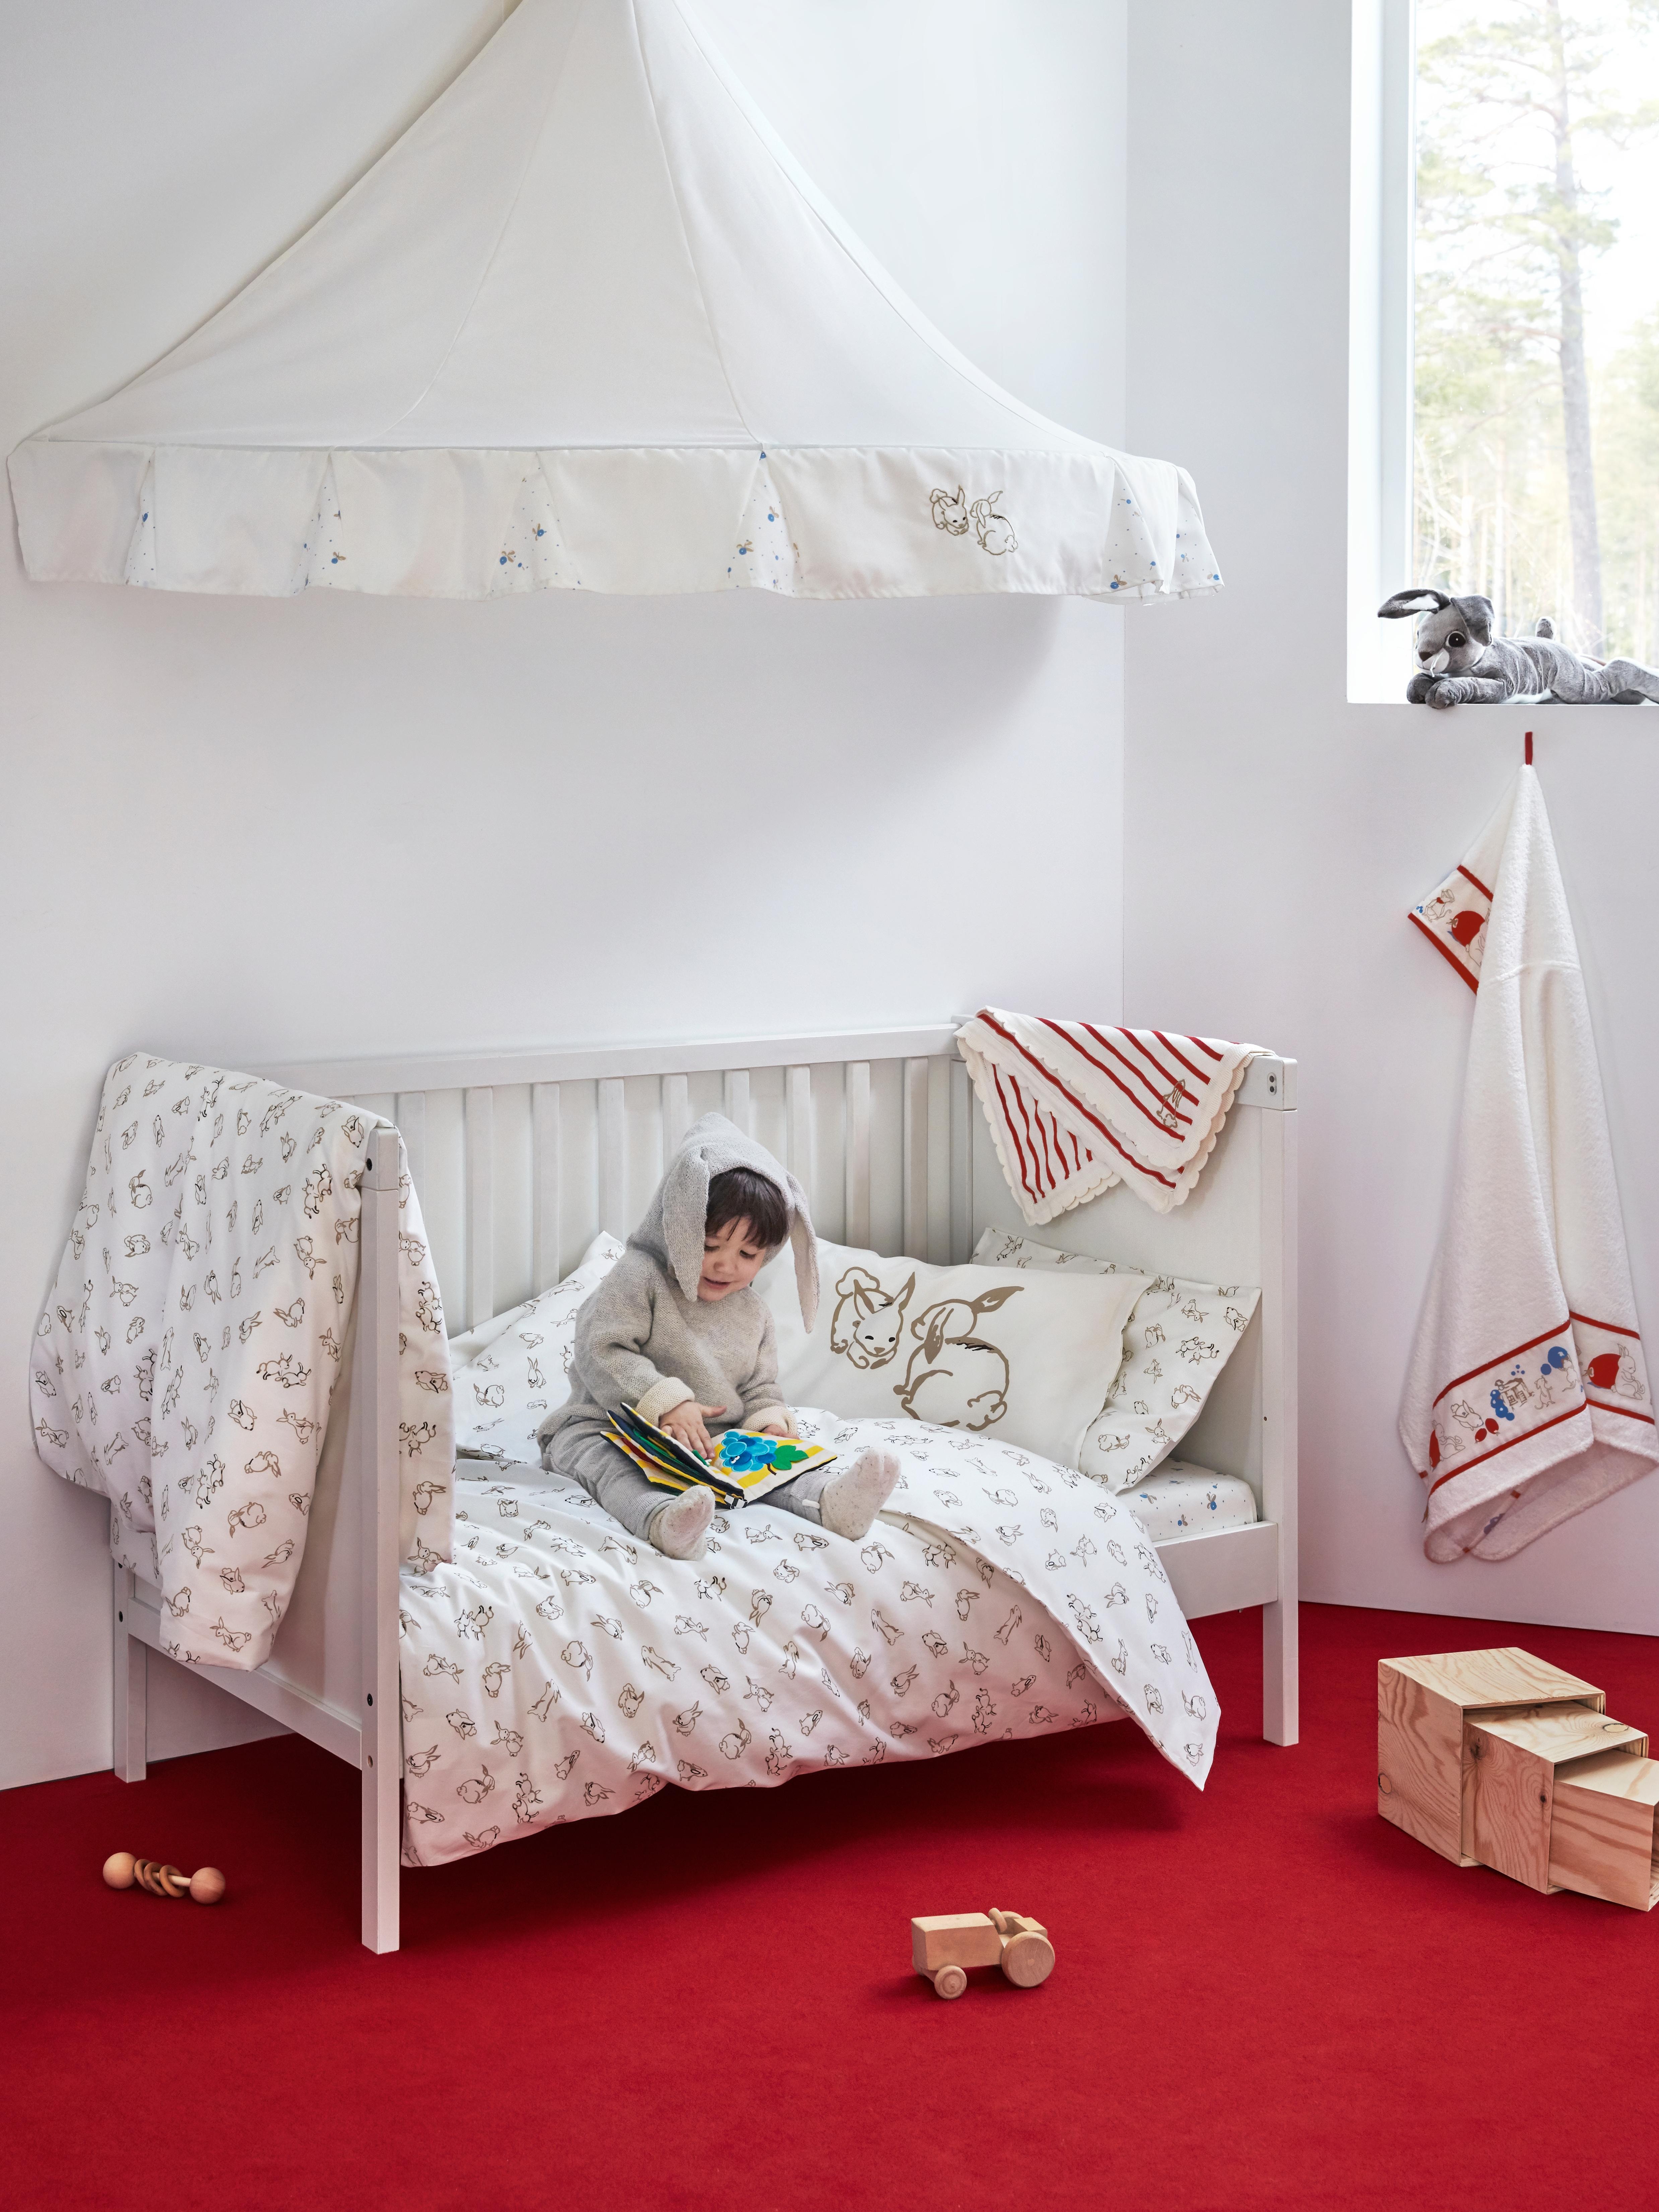 Un bambino con costume da coniglietto, seduto su una coperta in un lettino SUNDVIK bianco, in una stanza con pareti bianche e pavimento rosso.